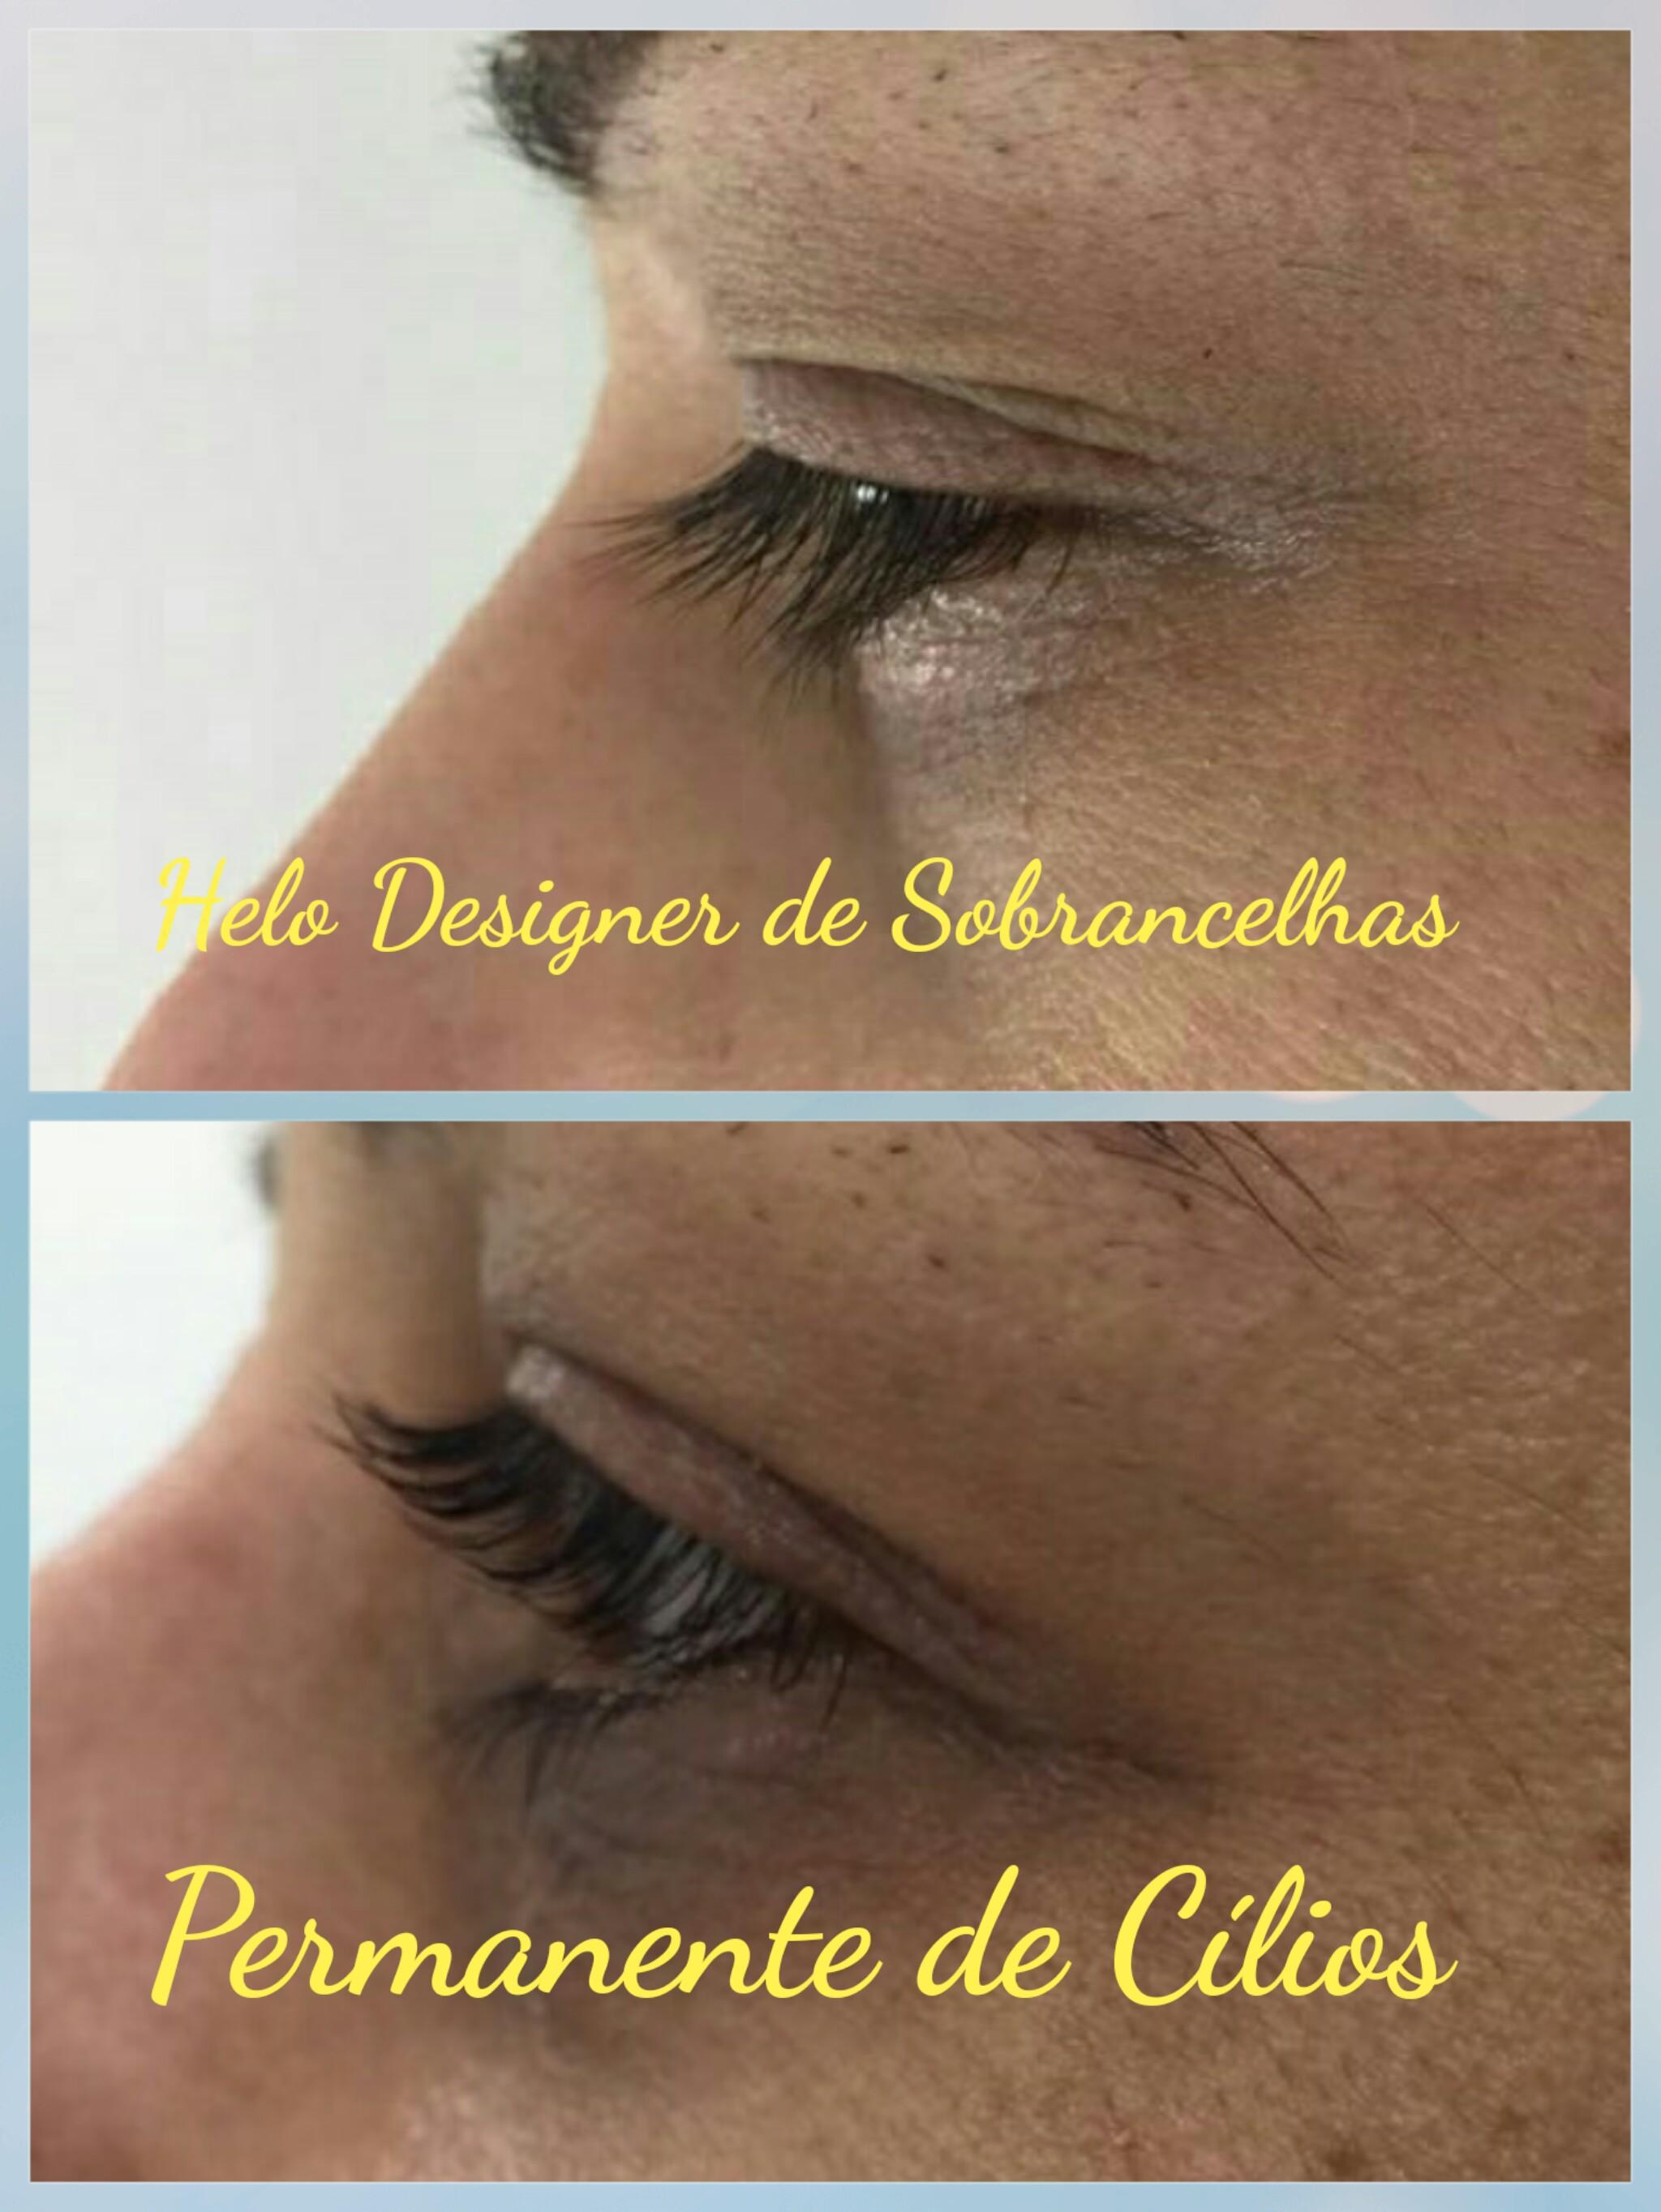 Permanente de Cílios,  embelezamento do olhar  designer de sobrancelhas micropigmentador(a)